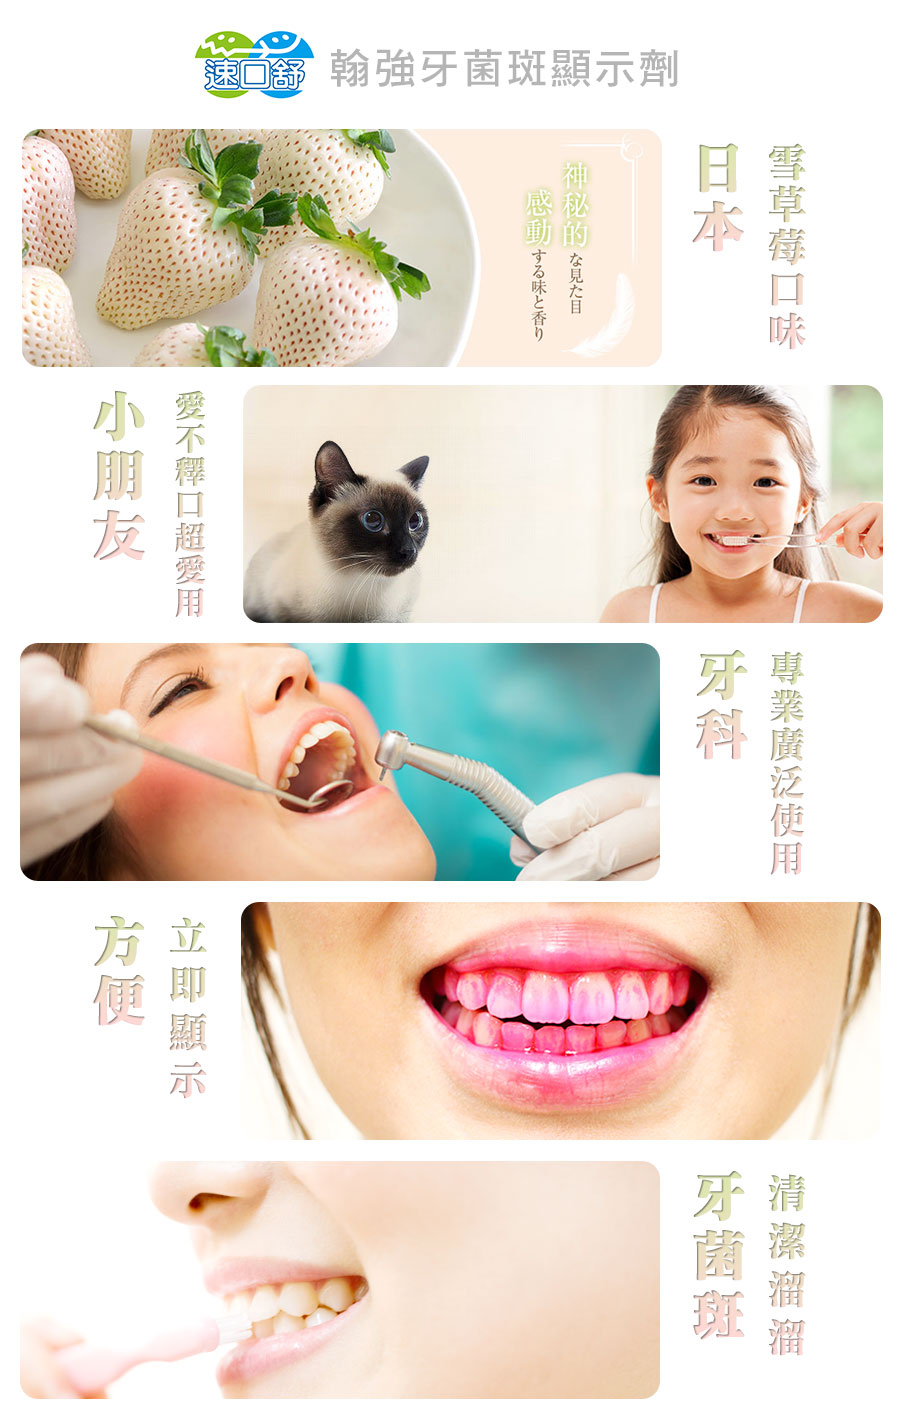 翰強生物科技-牙菌斑顯示劑-牙菌斑原理